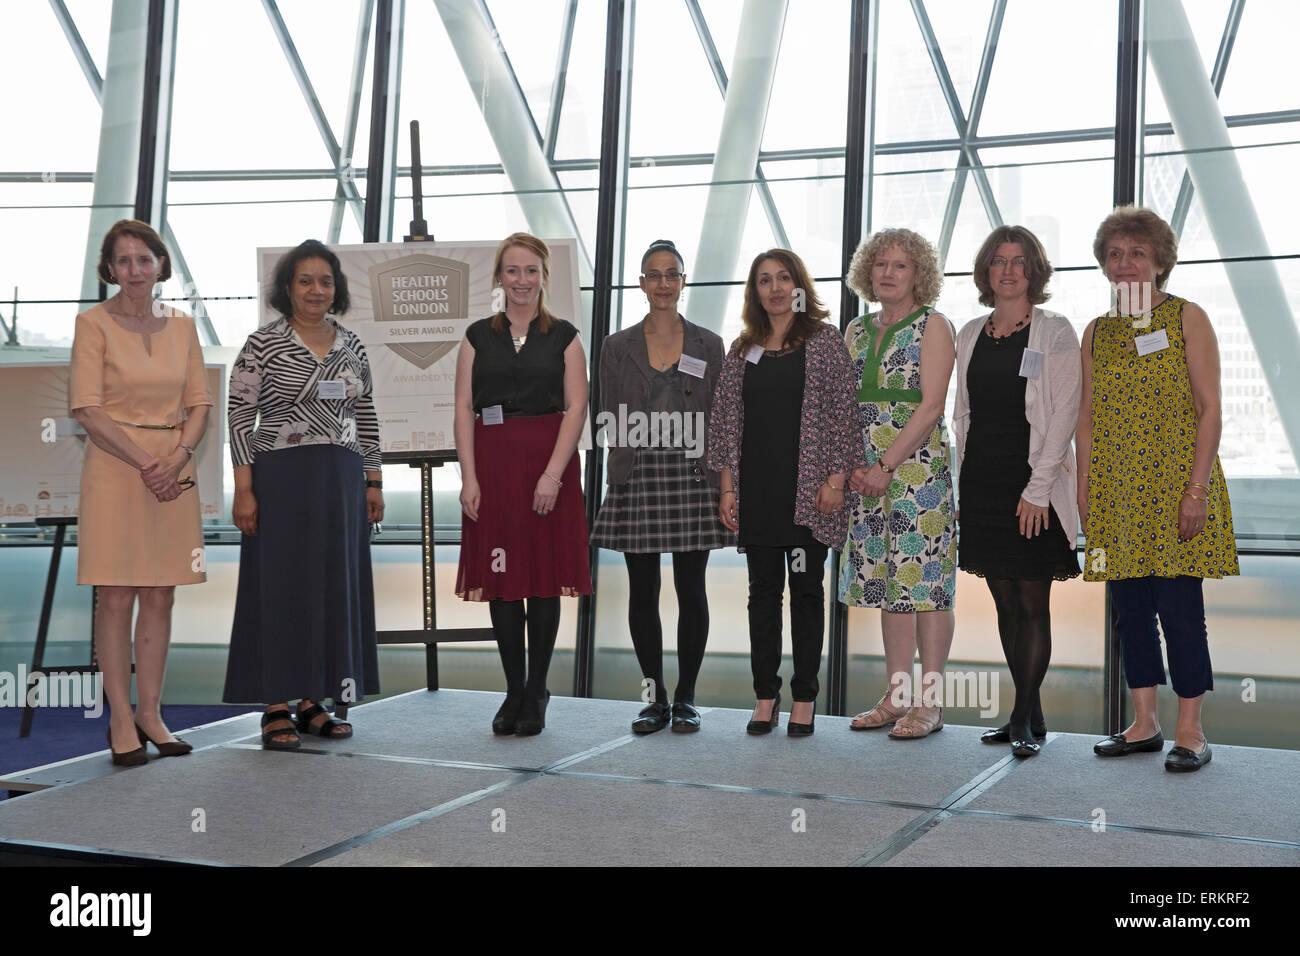 London, UK. 4th June, 2015. Ealing Schools won a silver award at the Healthy Schools London awards at City Hall - Stock Image